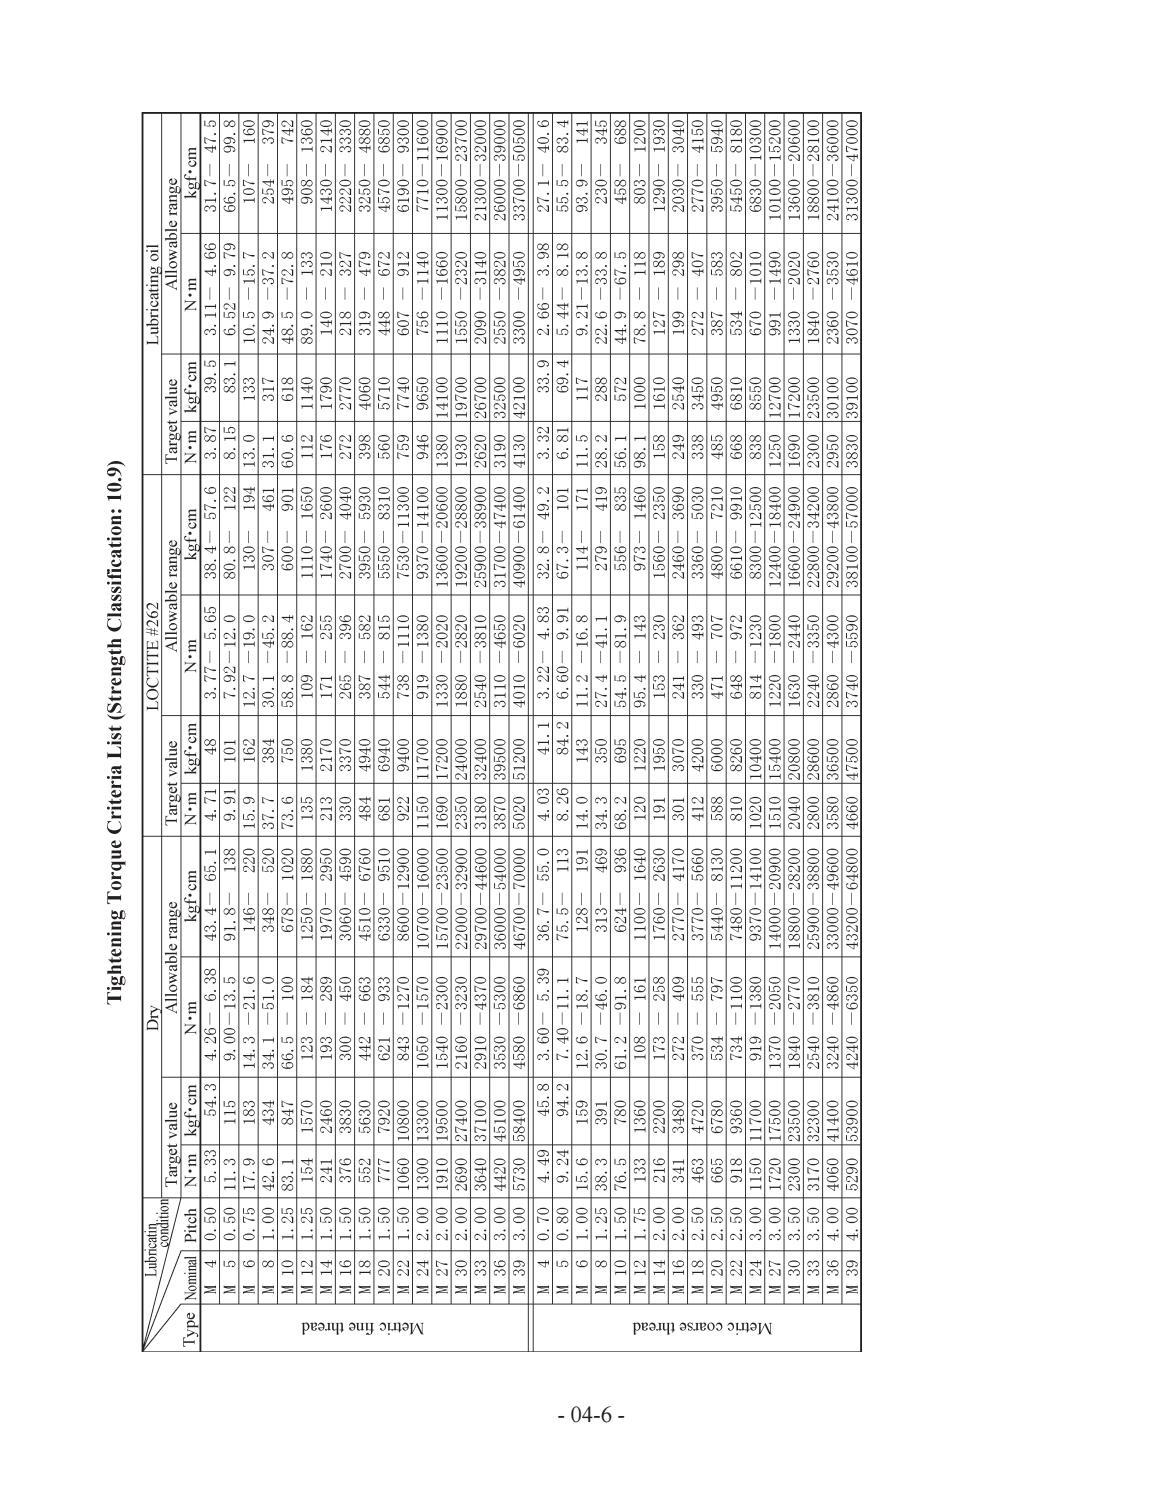 Hitachi LX110-7 LX130-7 LX160-7 LX190-7 LX230-7 Wheel Loader Workshop Manual - PDF DOWNLOAD page 21